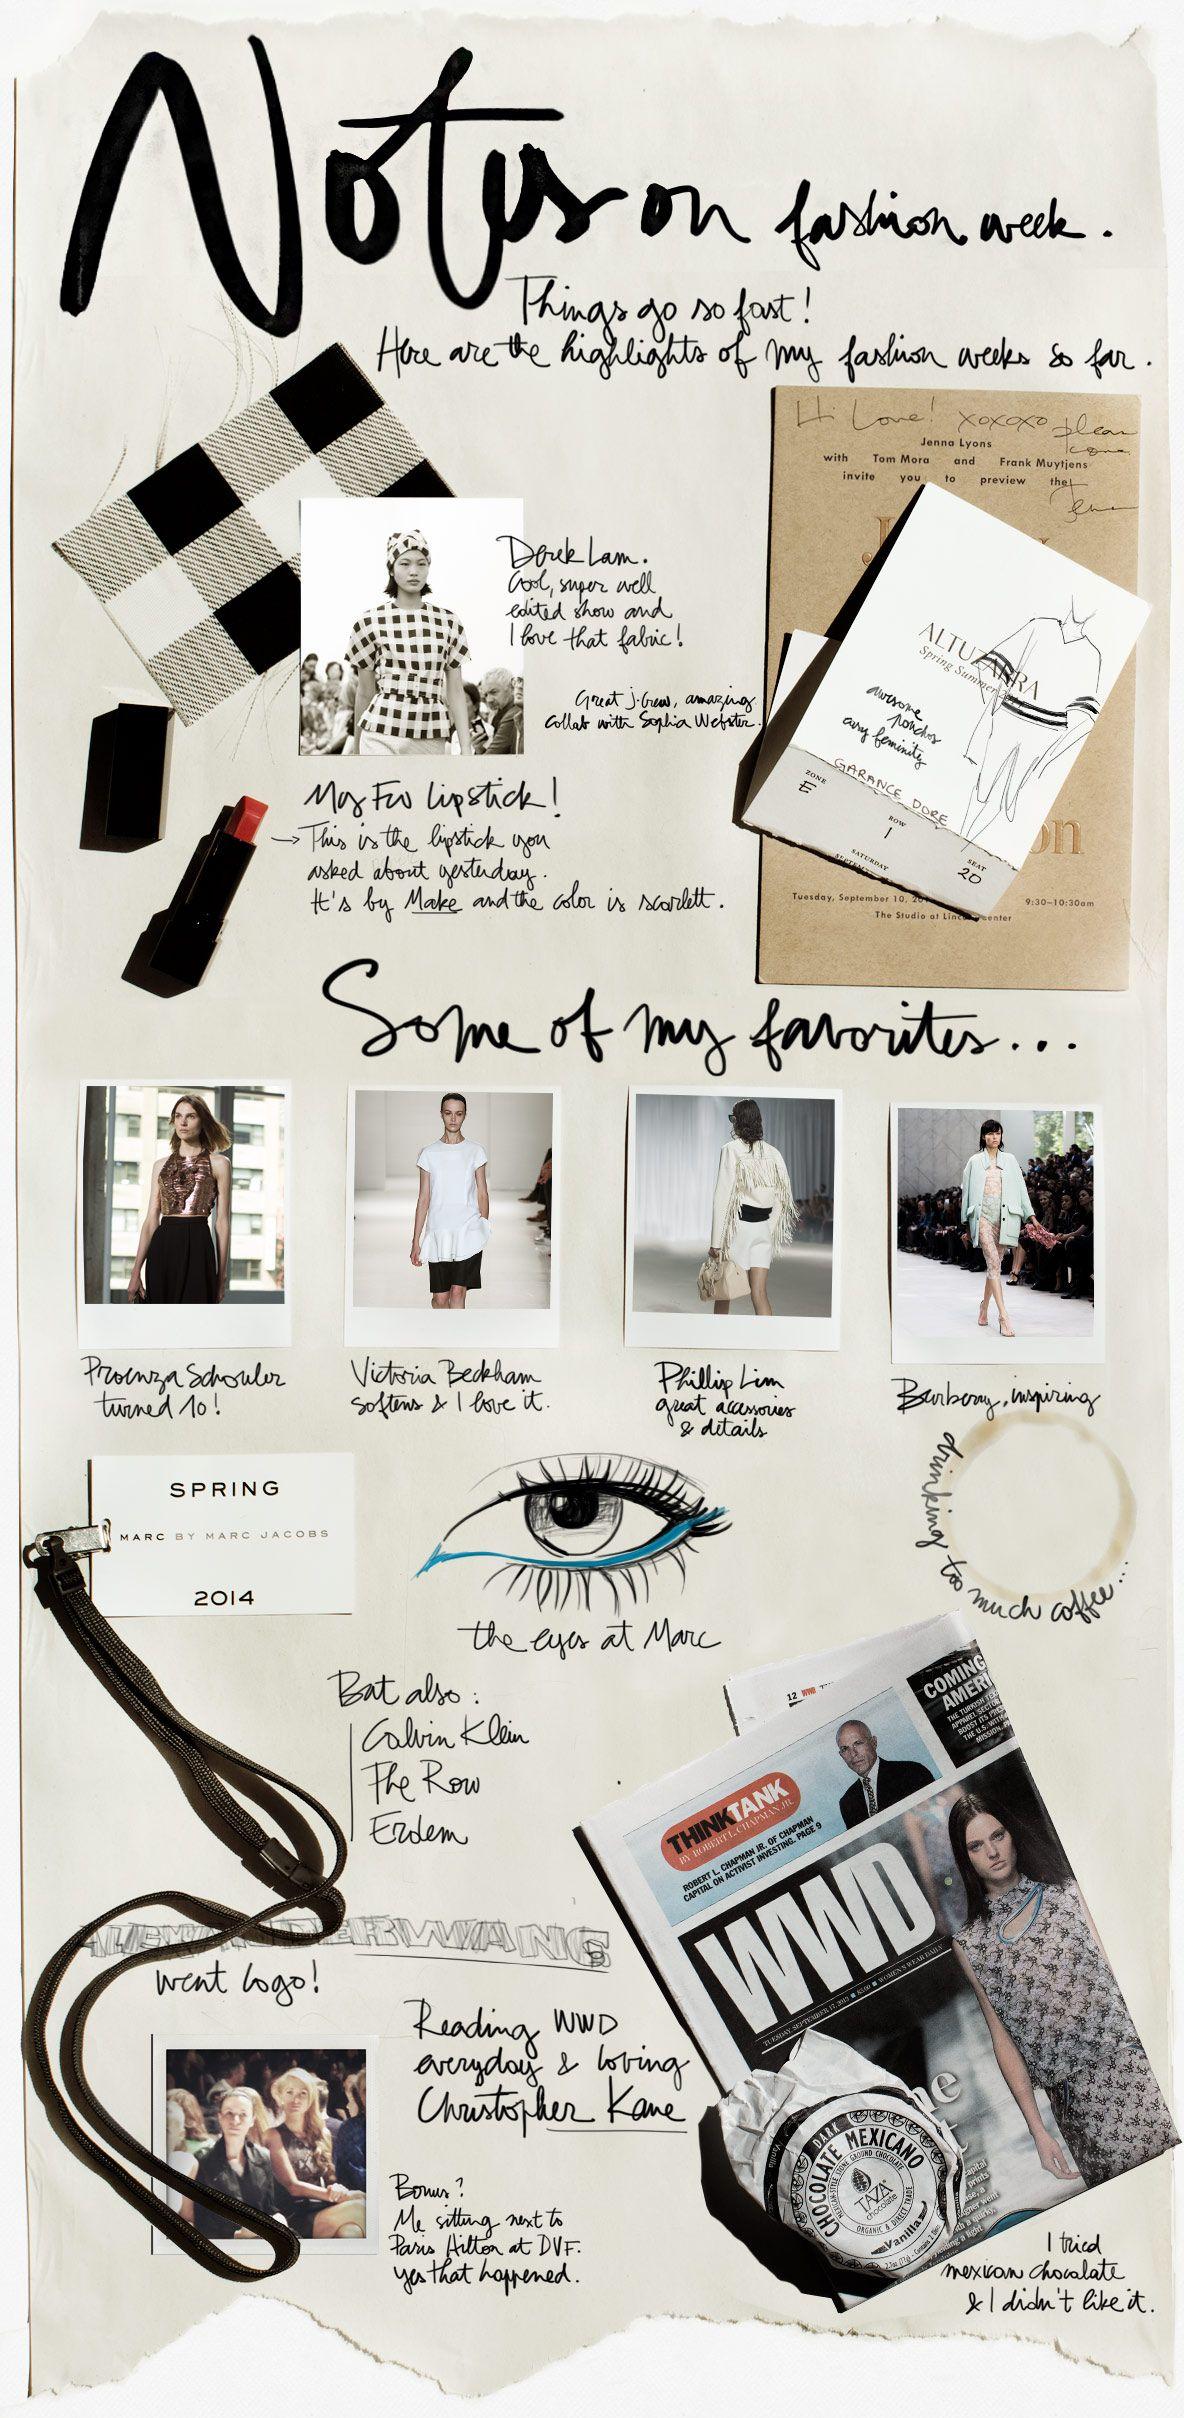 Fashion week board - Planche d'inspiration de la semaine de la mode www.lab333.com www.facebook.com/pages/LAB-STYLE/585086788169863 http://www.lab333style.com https://instagram.com/lab_333 http://lablikes.tumblr.com www.pinterest.com/labstyle